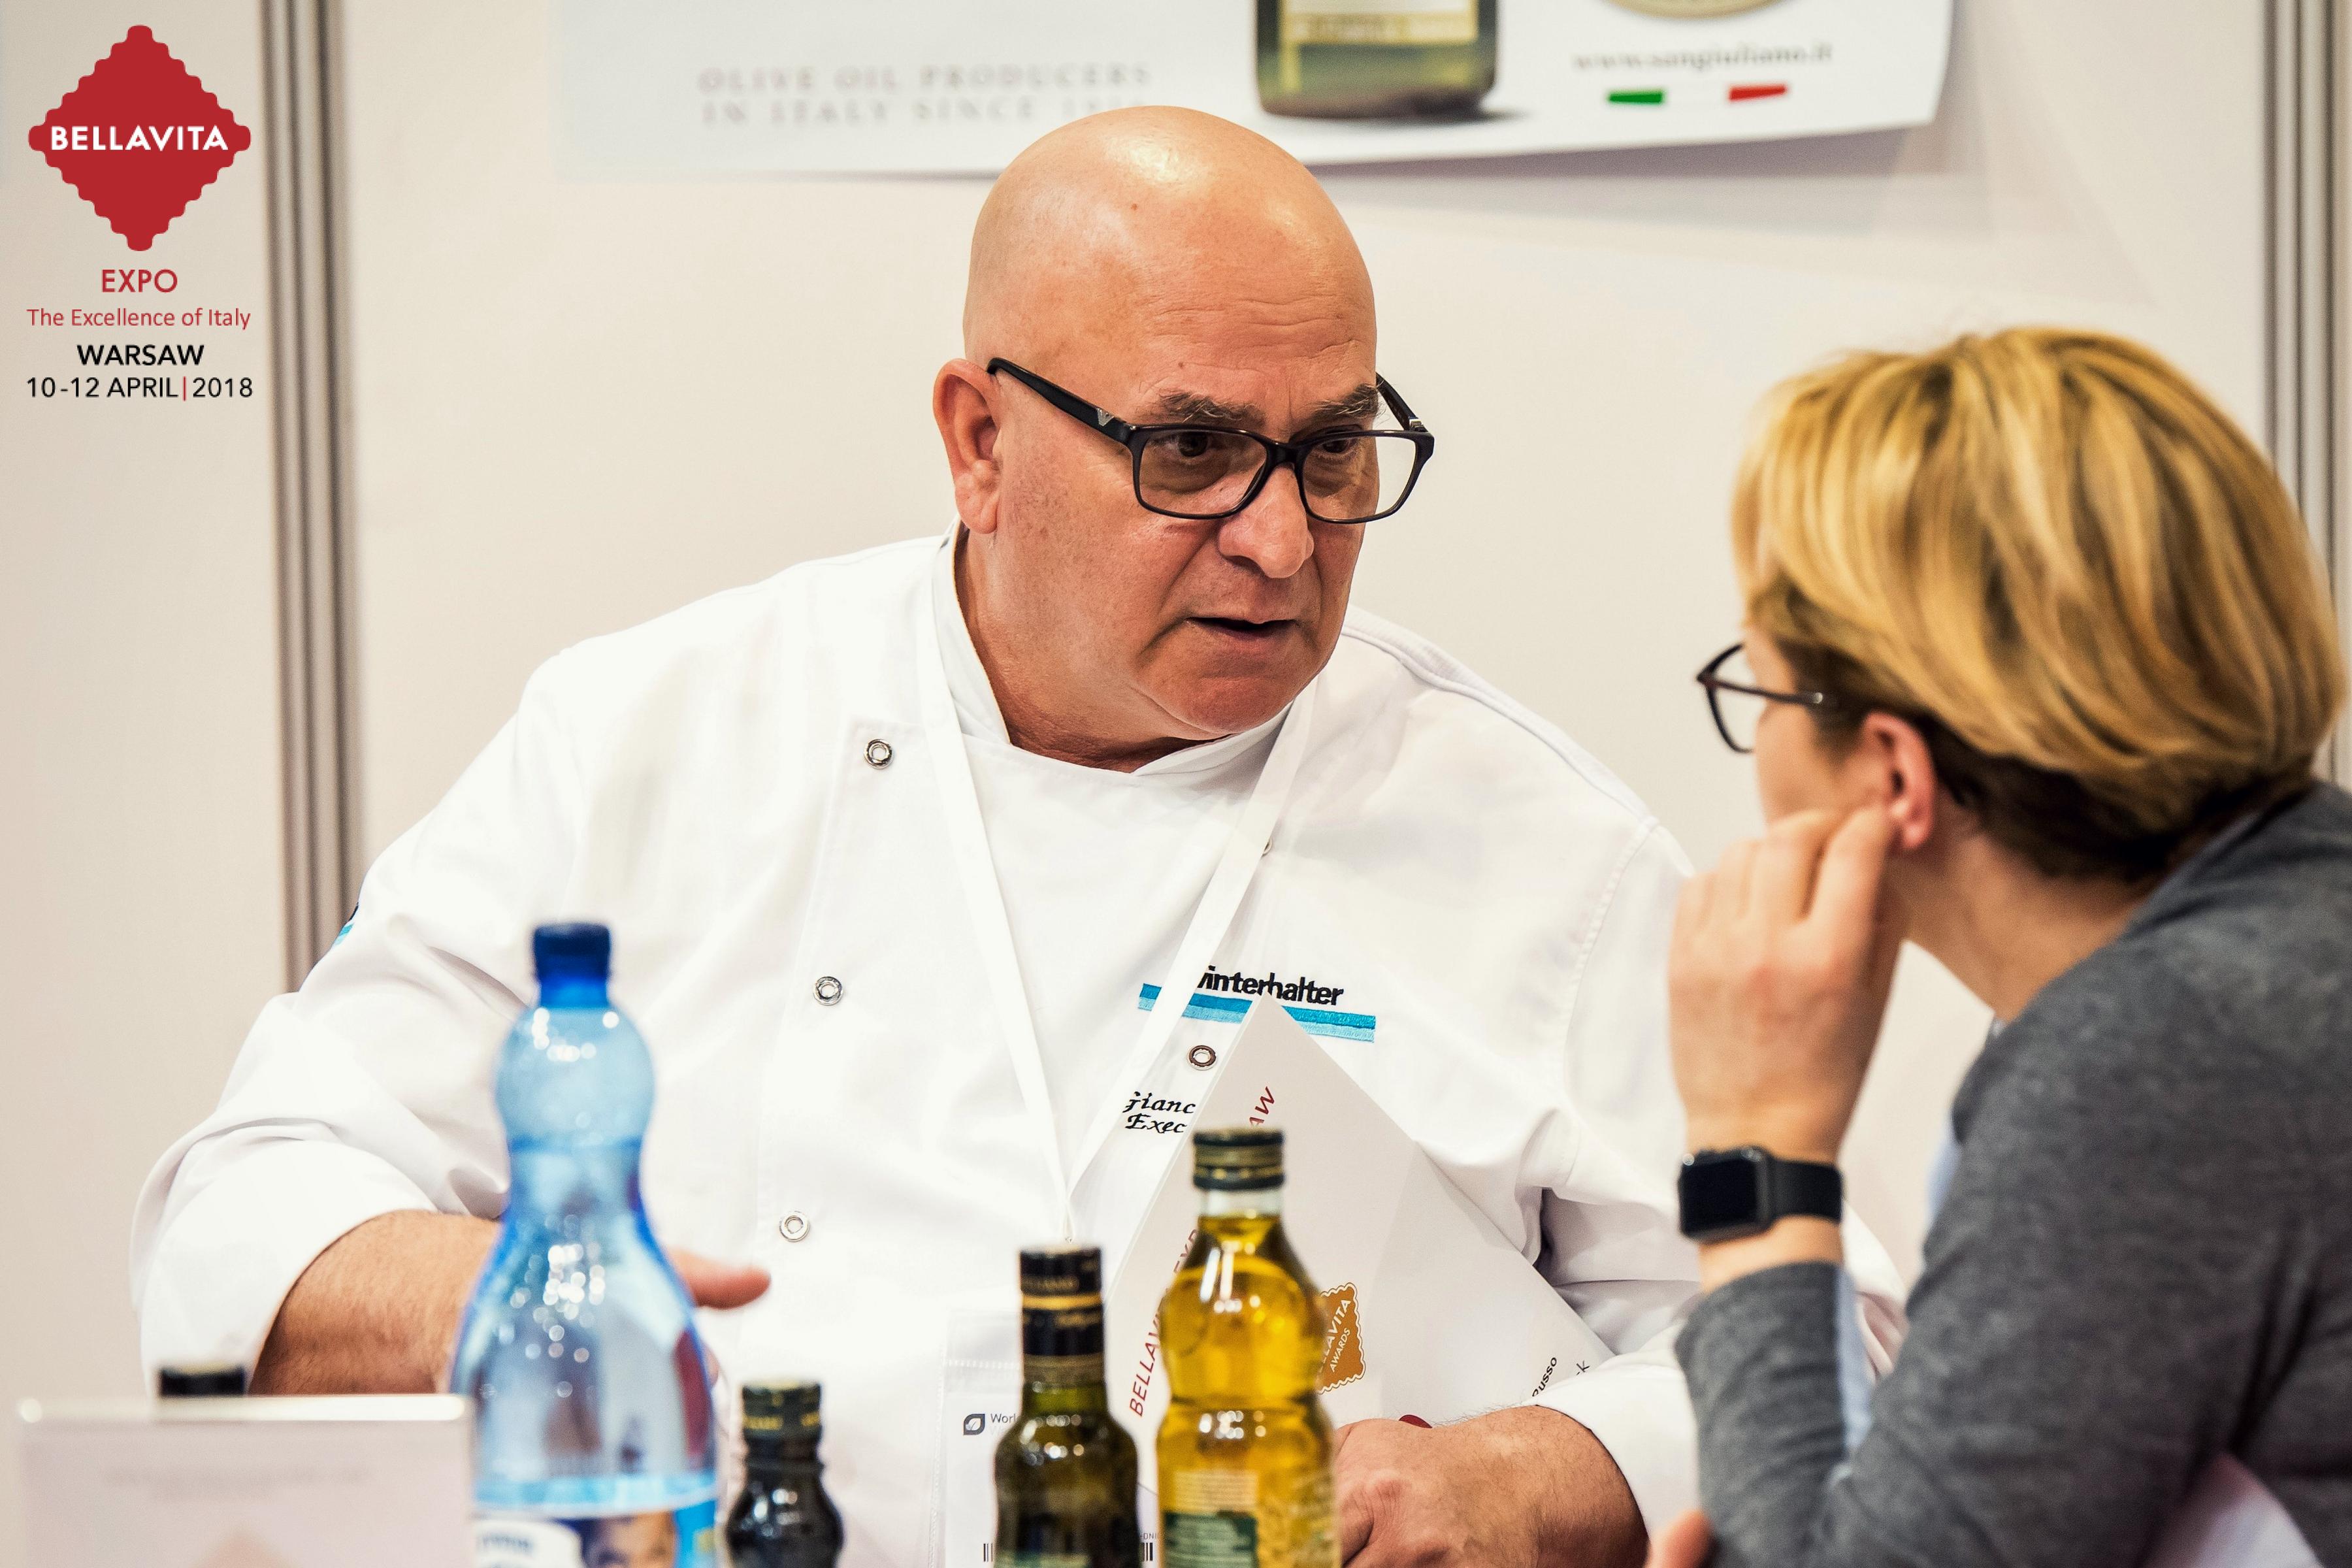 Chef Giancarlo Russo - Bellavita Warsaw